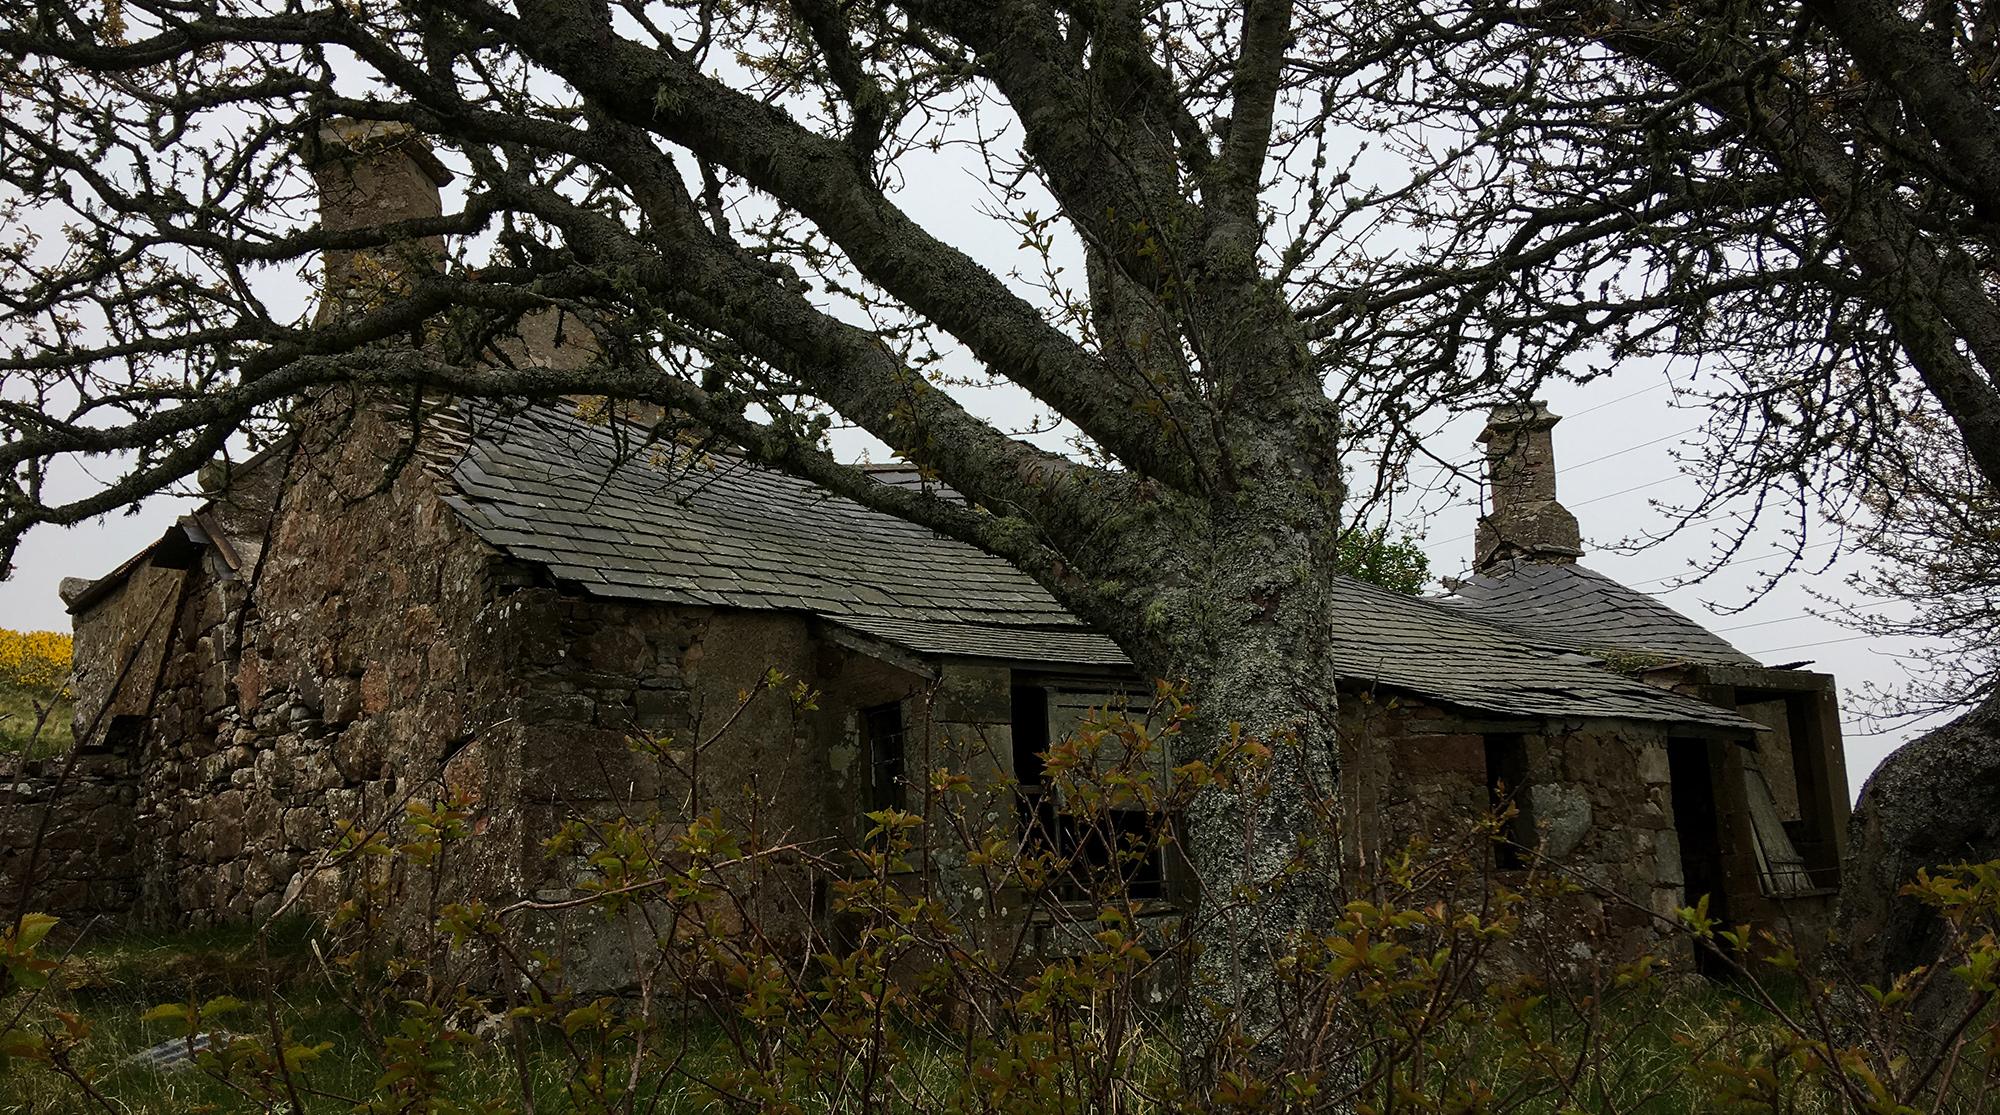 Verlassenes Steincottage mit Baum davor